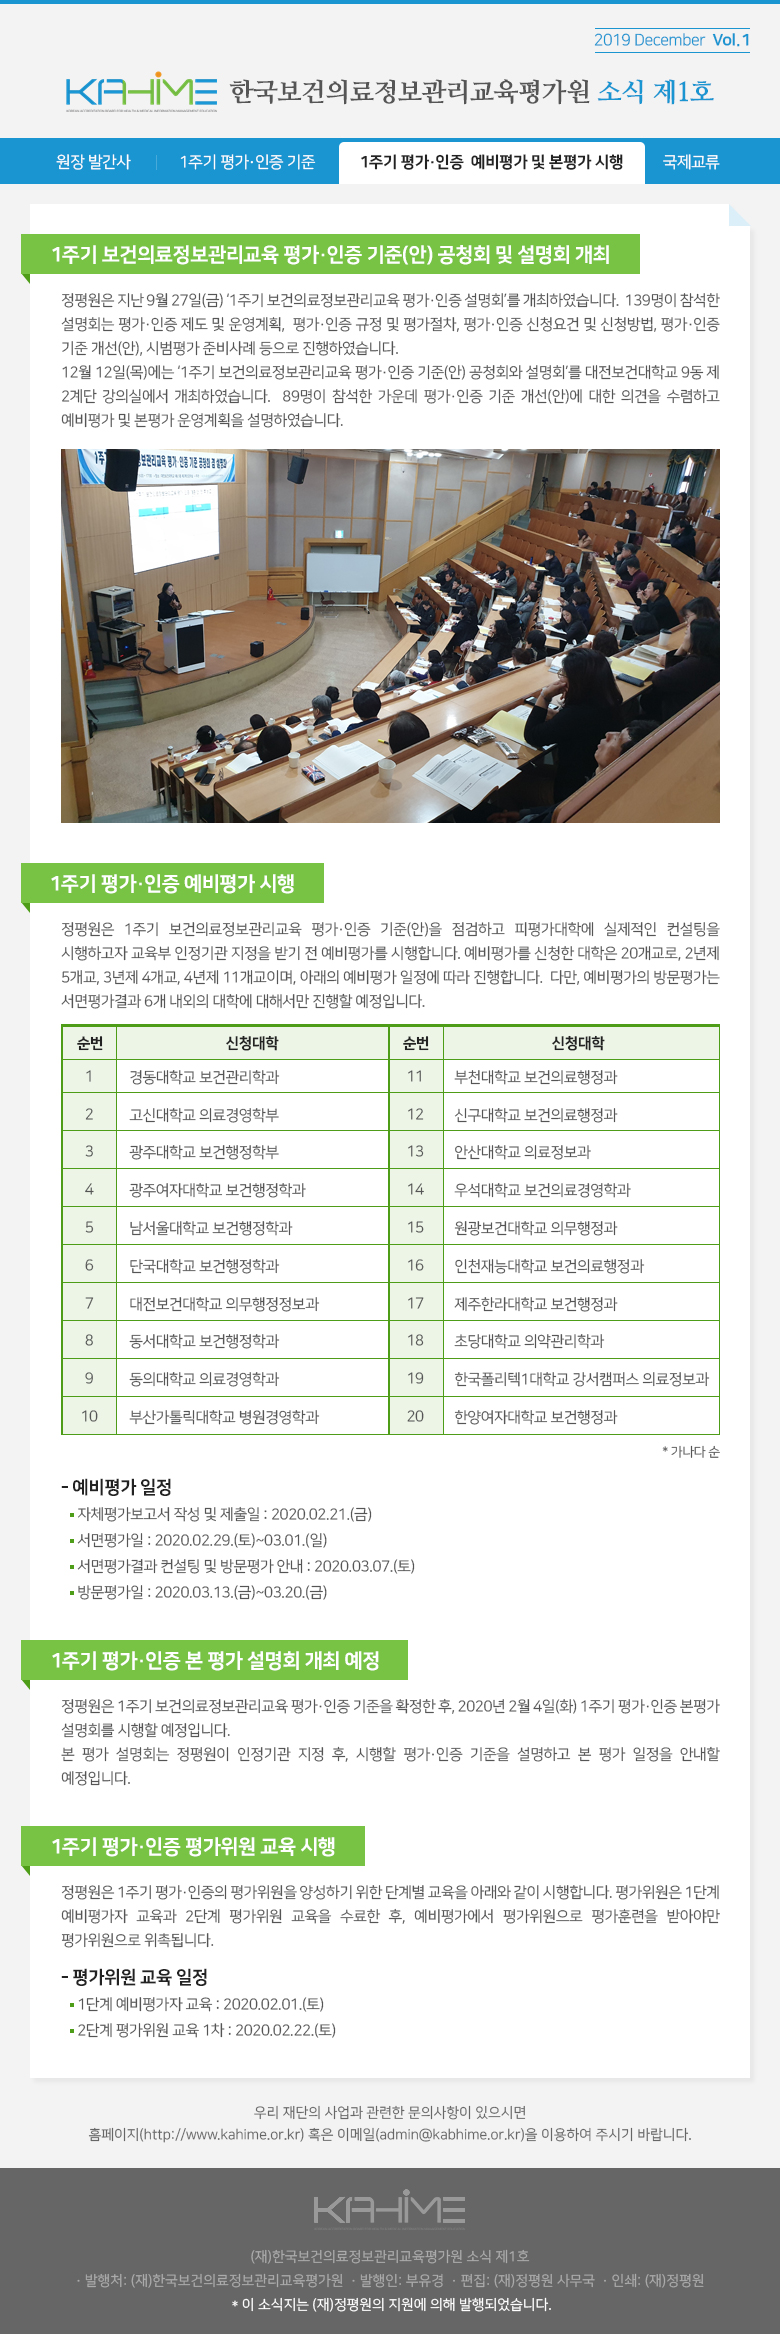 정평원 뉴스레터